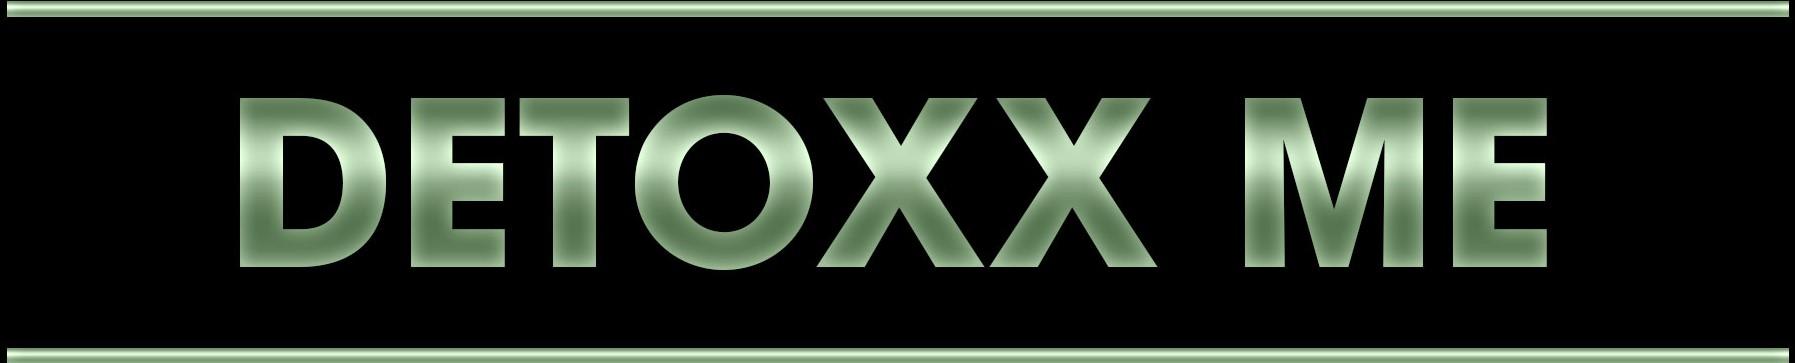 detoxxme2